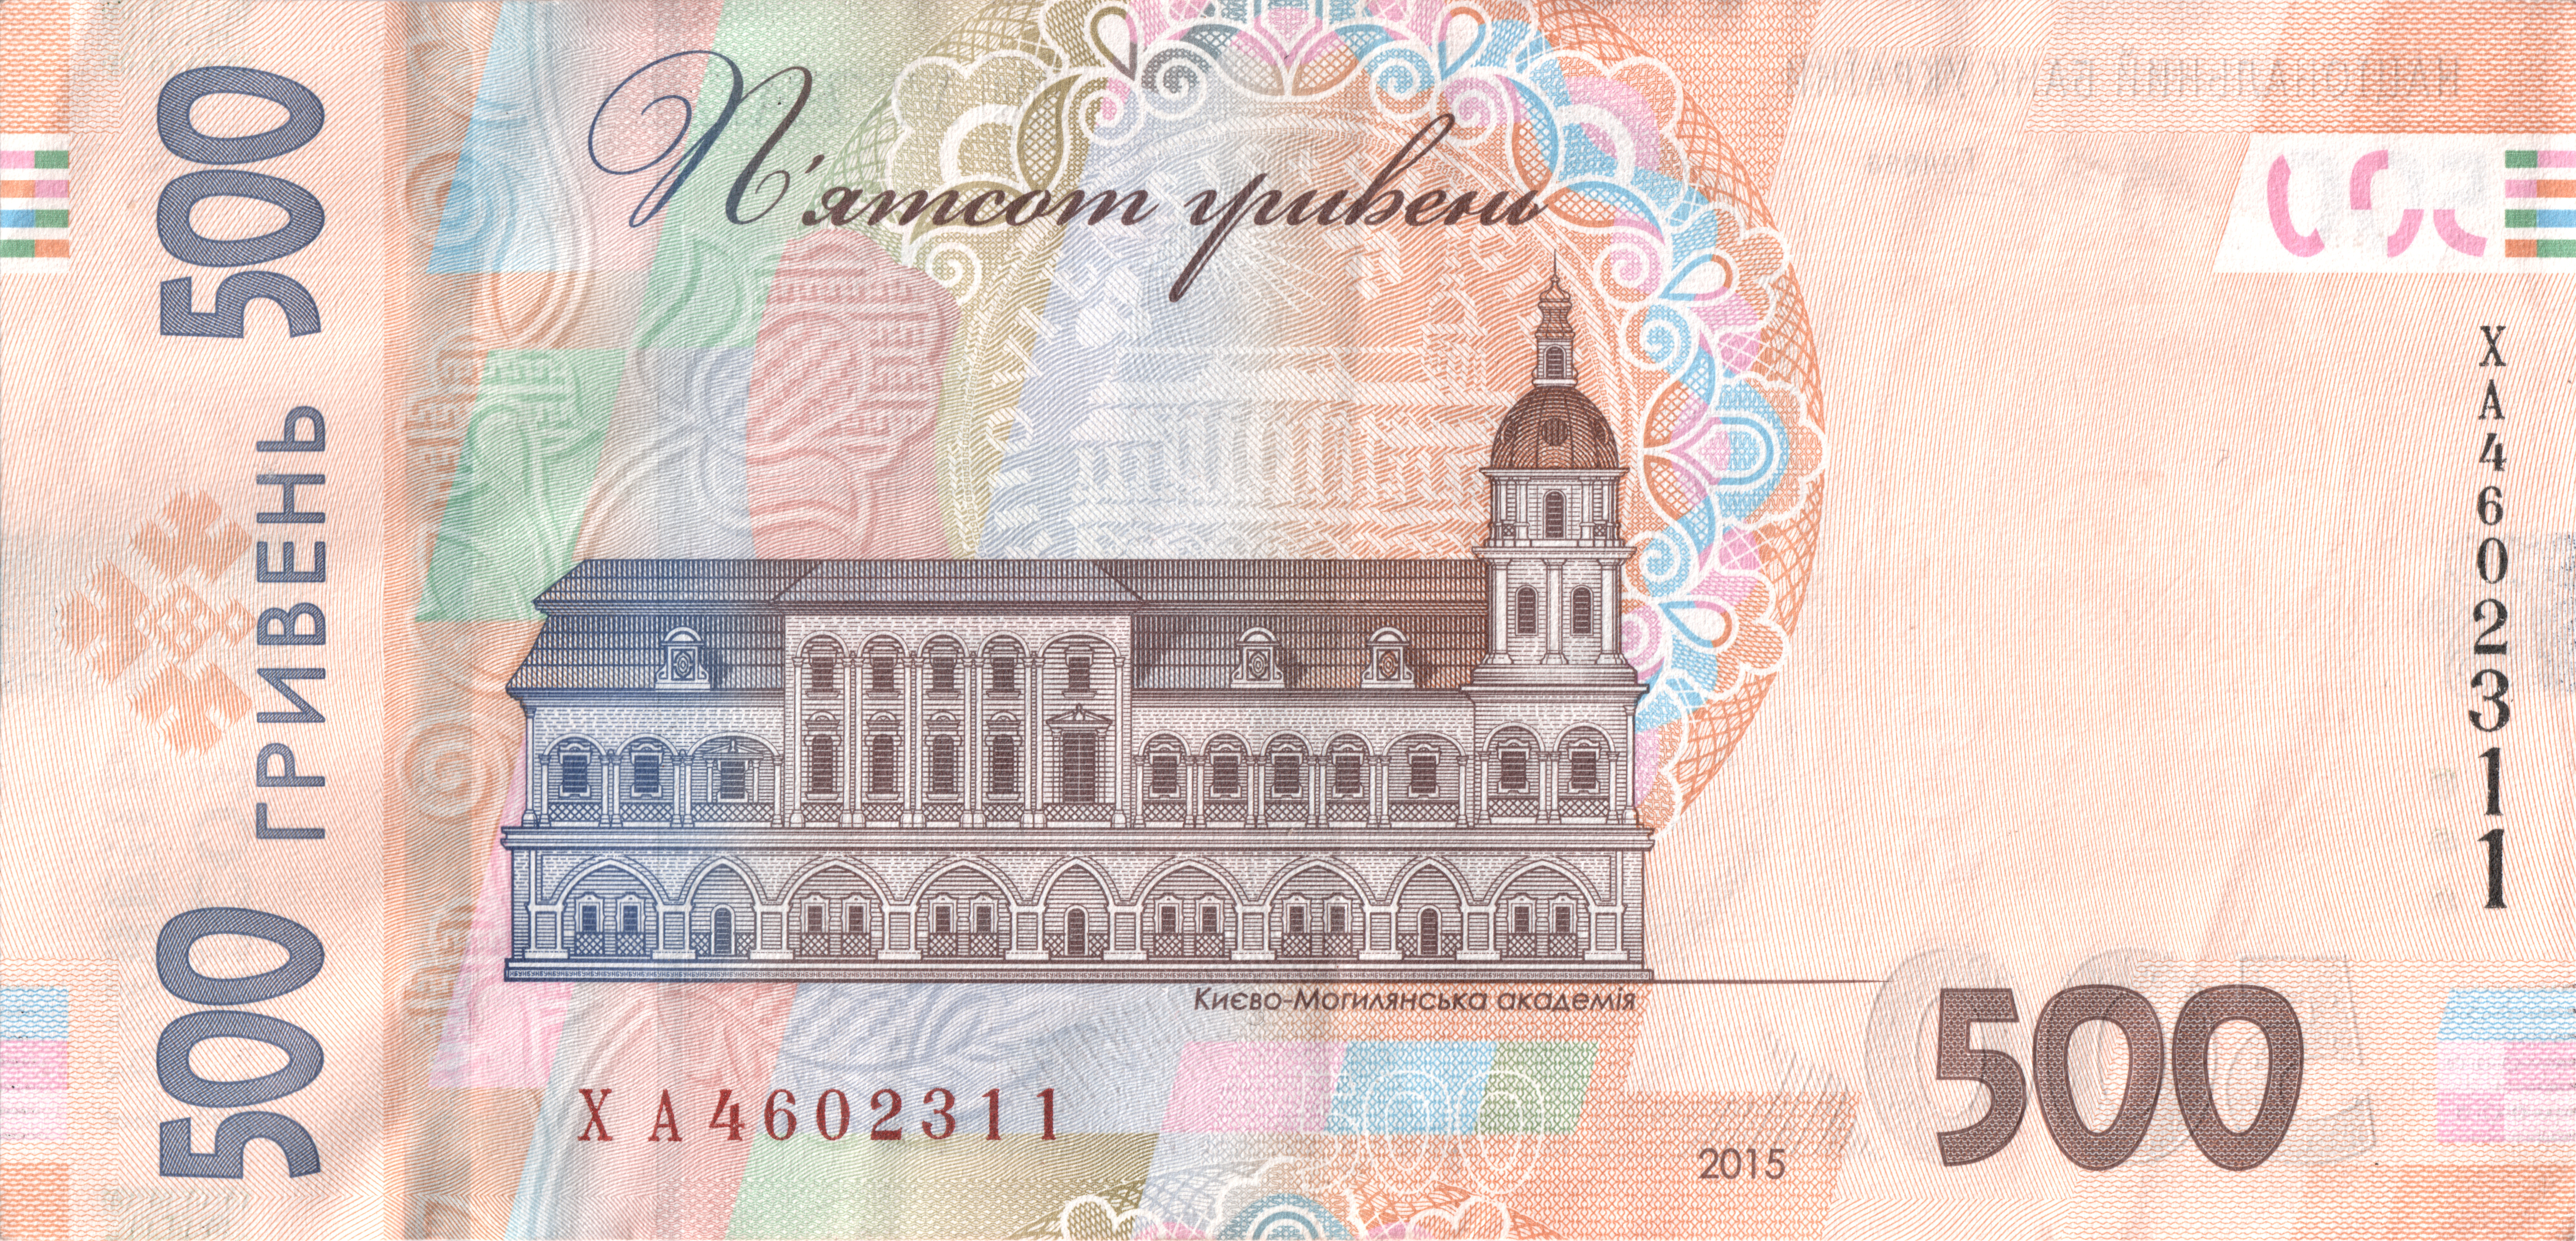 Картинка пятьсот гривен